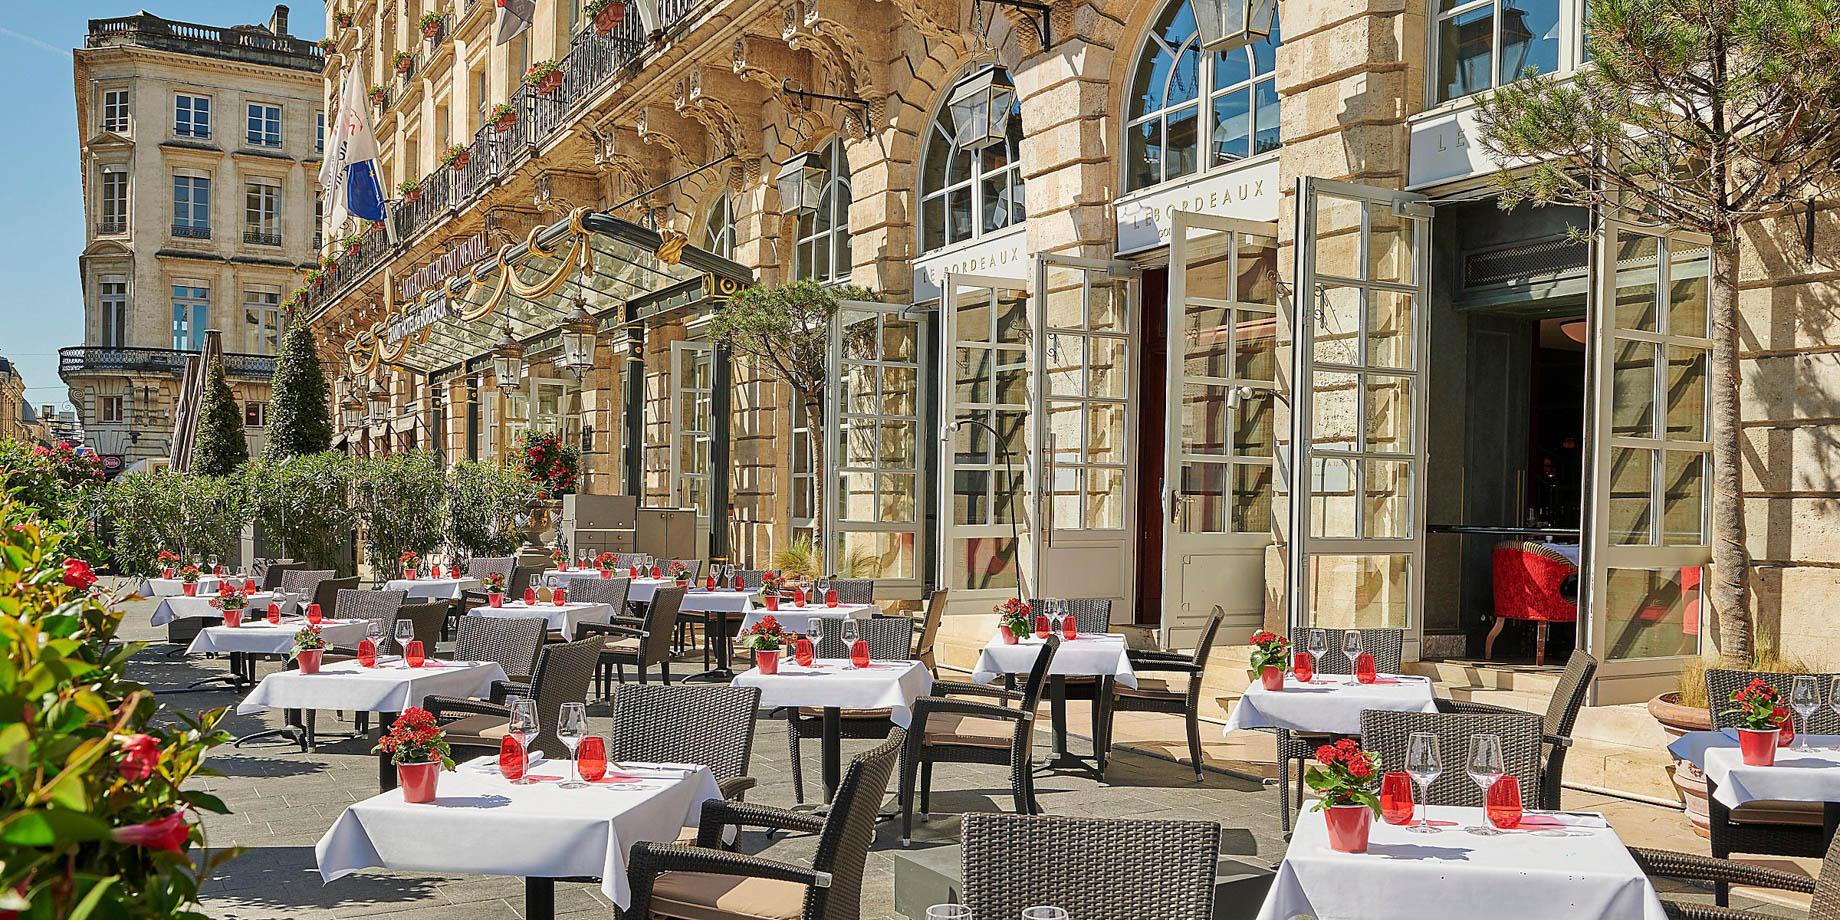 InterContinental Bordeaux Le Grand Hotel - Bordeaux, France - Restaurant Front Patio